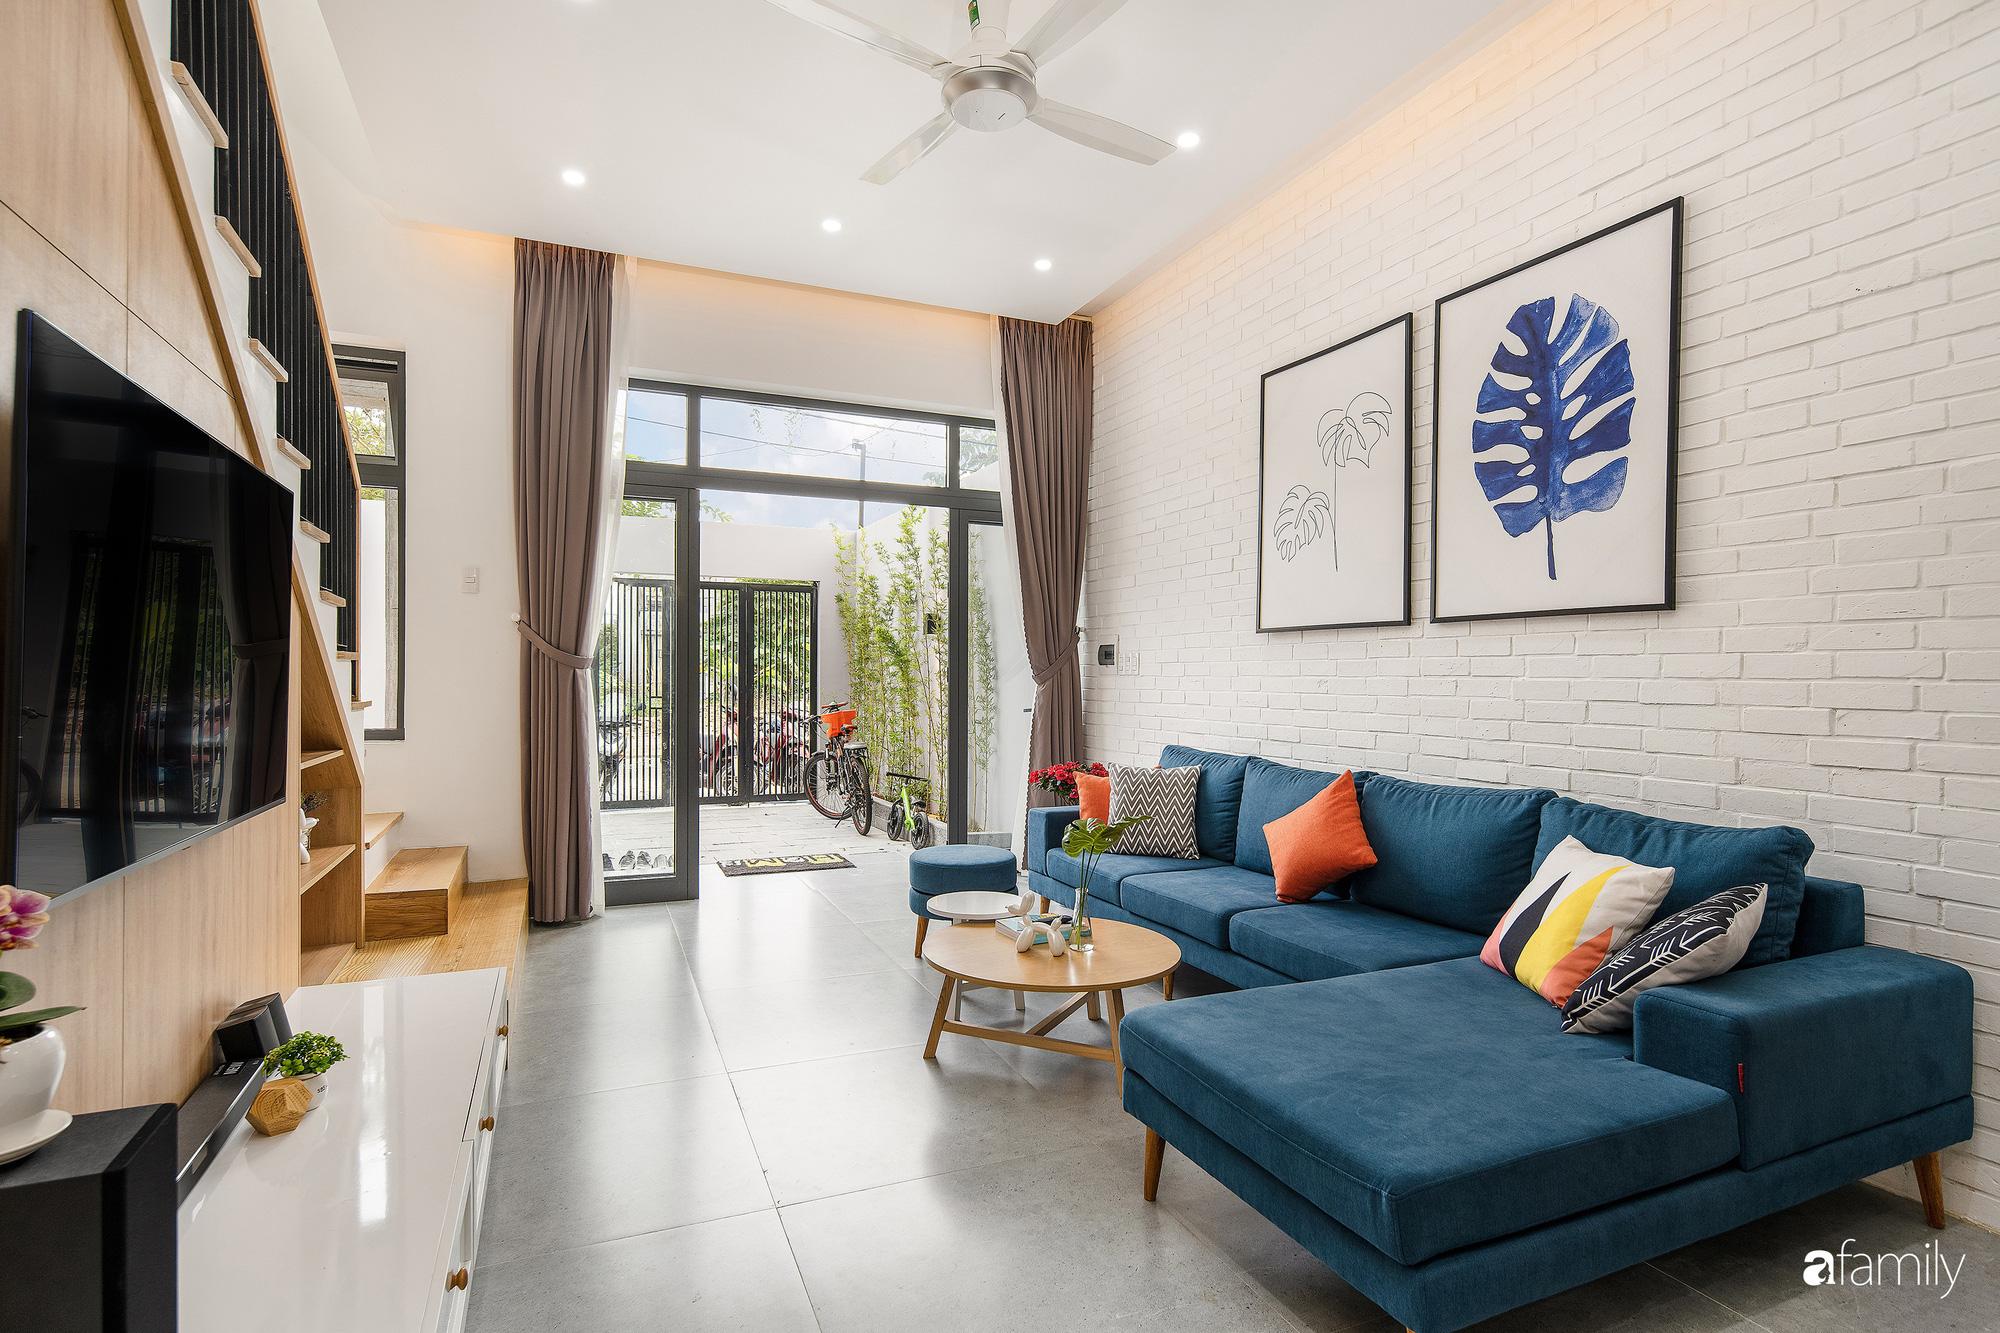 Nhà phố 2 tầng rộng 100m2 được thiết kế ấn tượng với khoảng thông tầng nhiều ánh sáng có chi phí 1,4 tỷ ở Đà Nẵng - Ảnh 5.